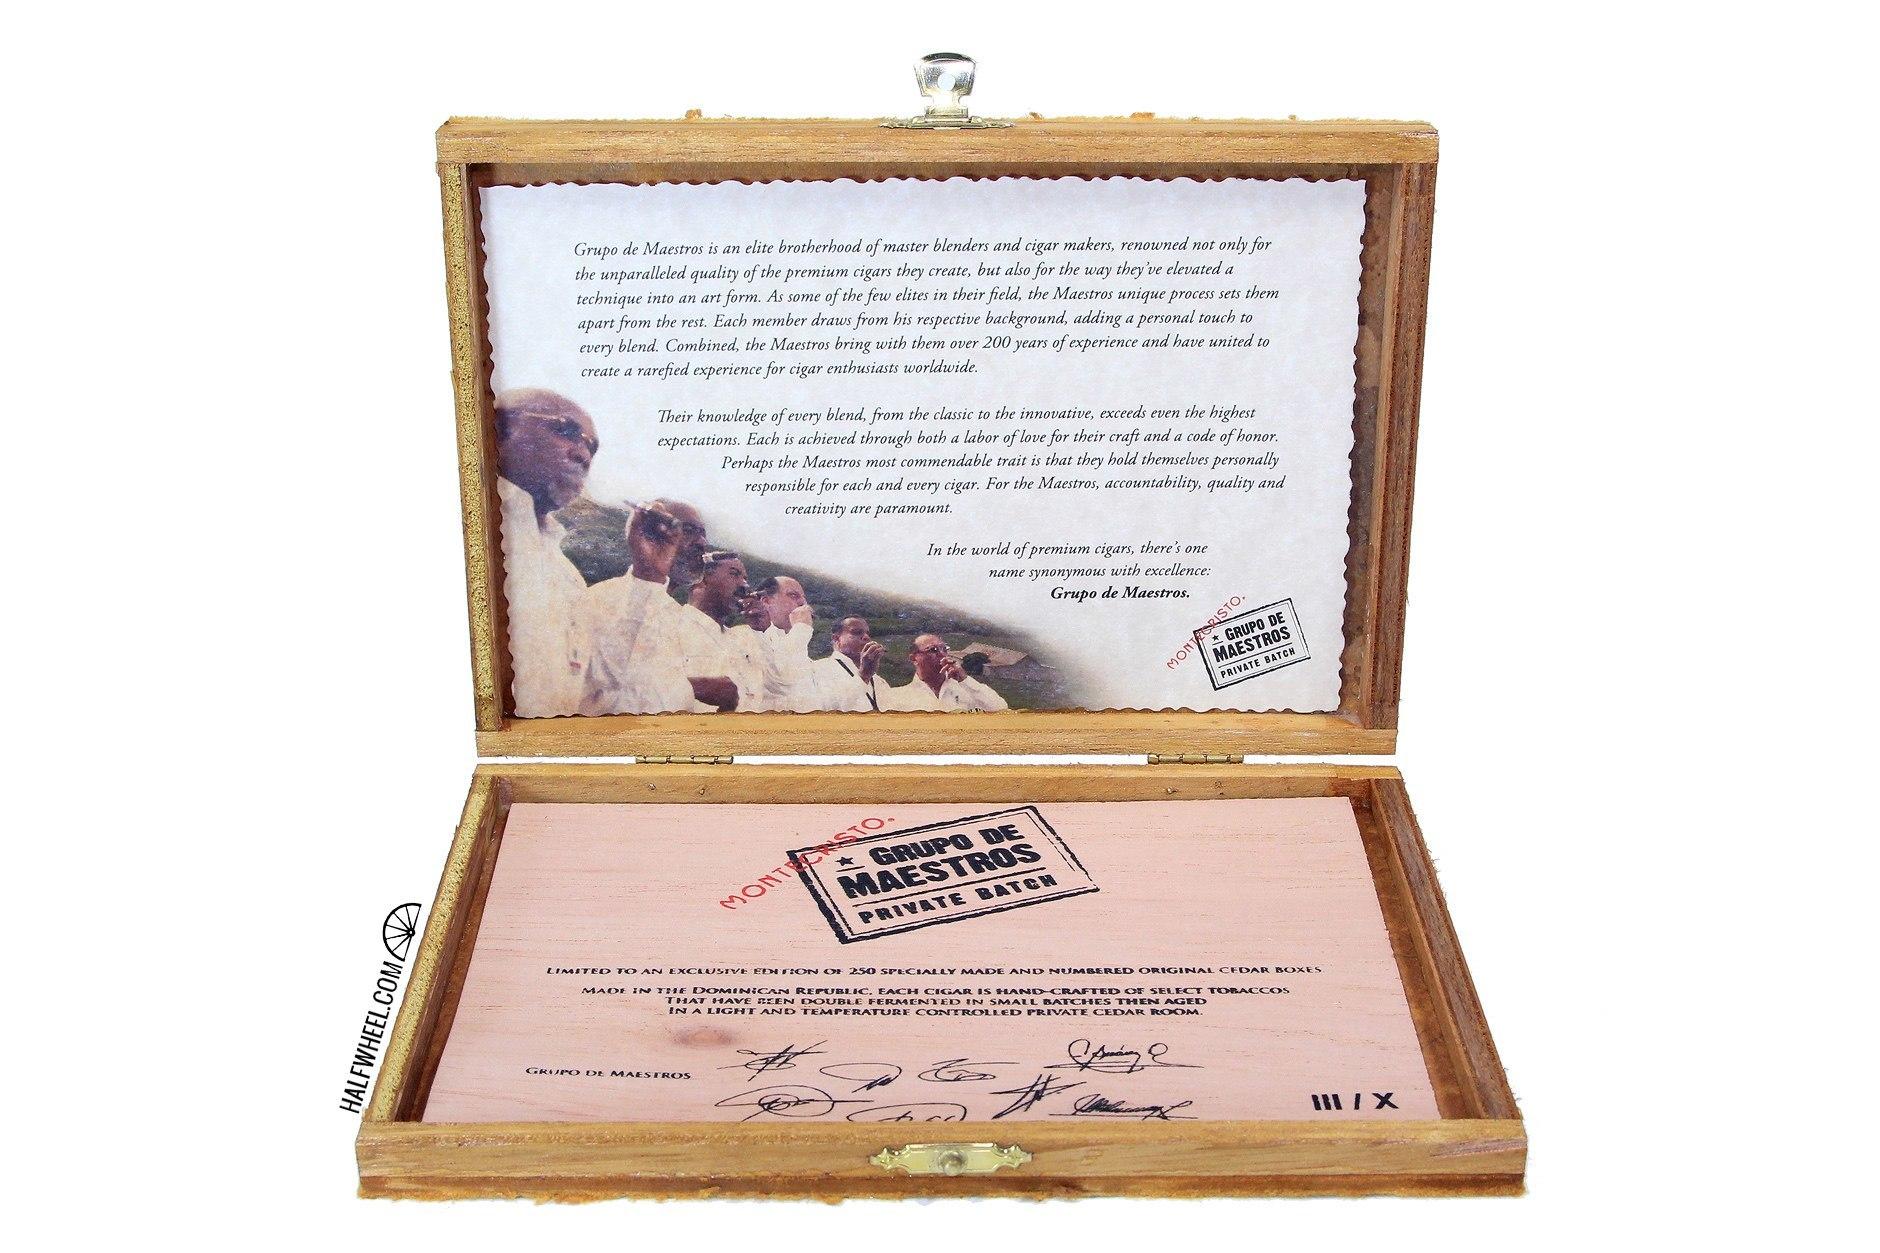 Montecristo Grupo de Maestros Private Batch Box 5